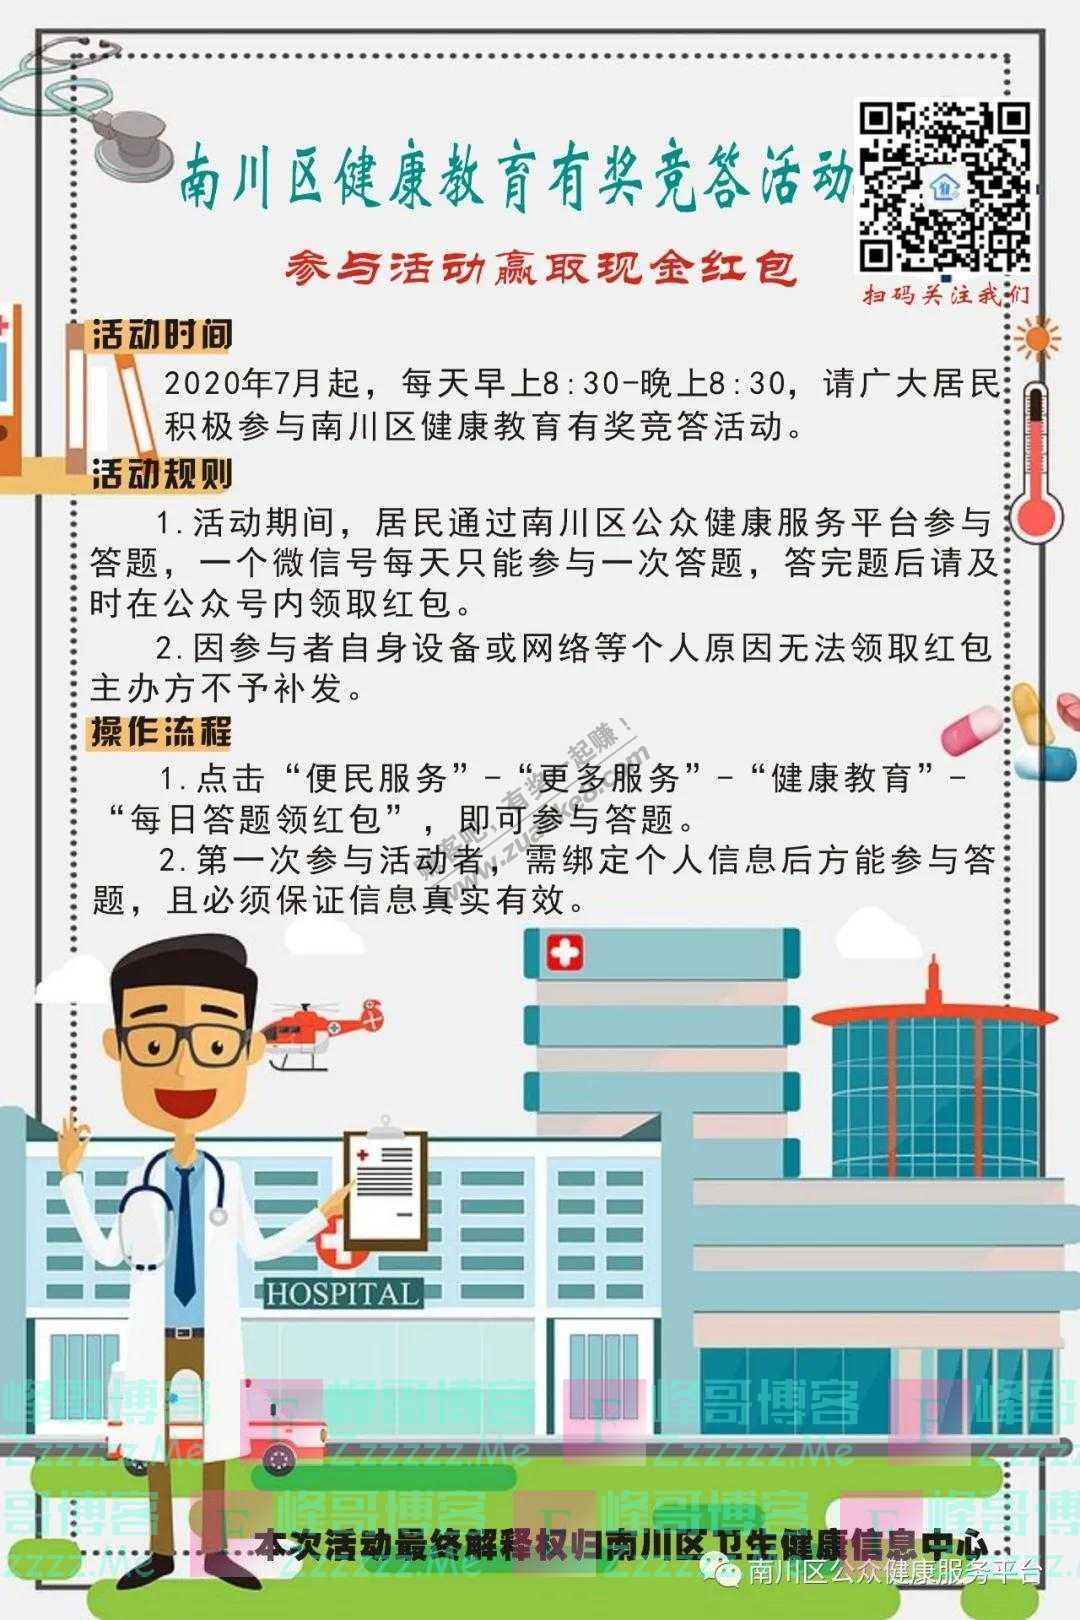 南川区公众健康服务平台南川区健康教育有奖竞答活动(截止不详)